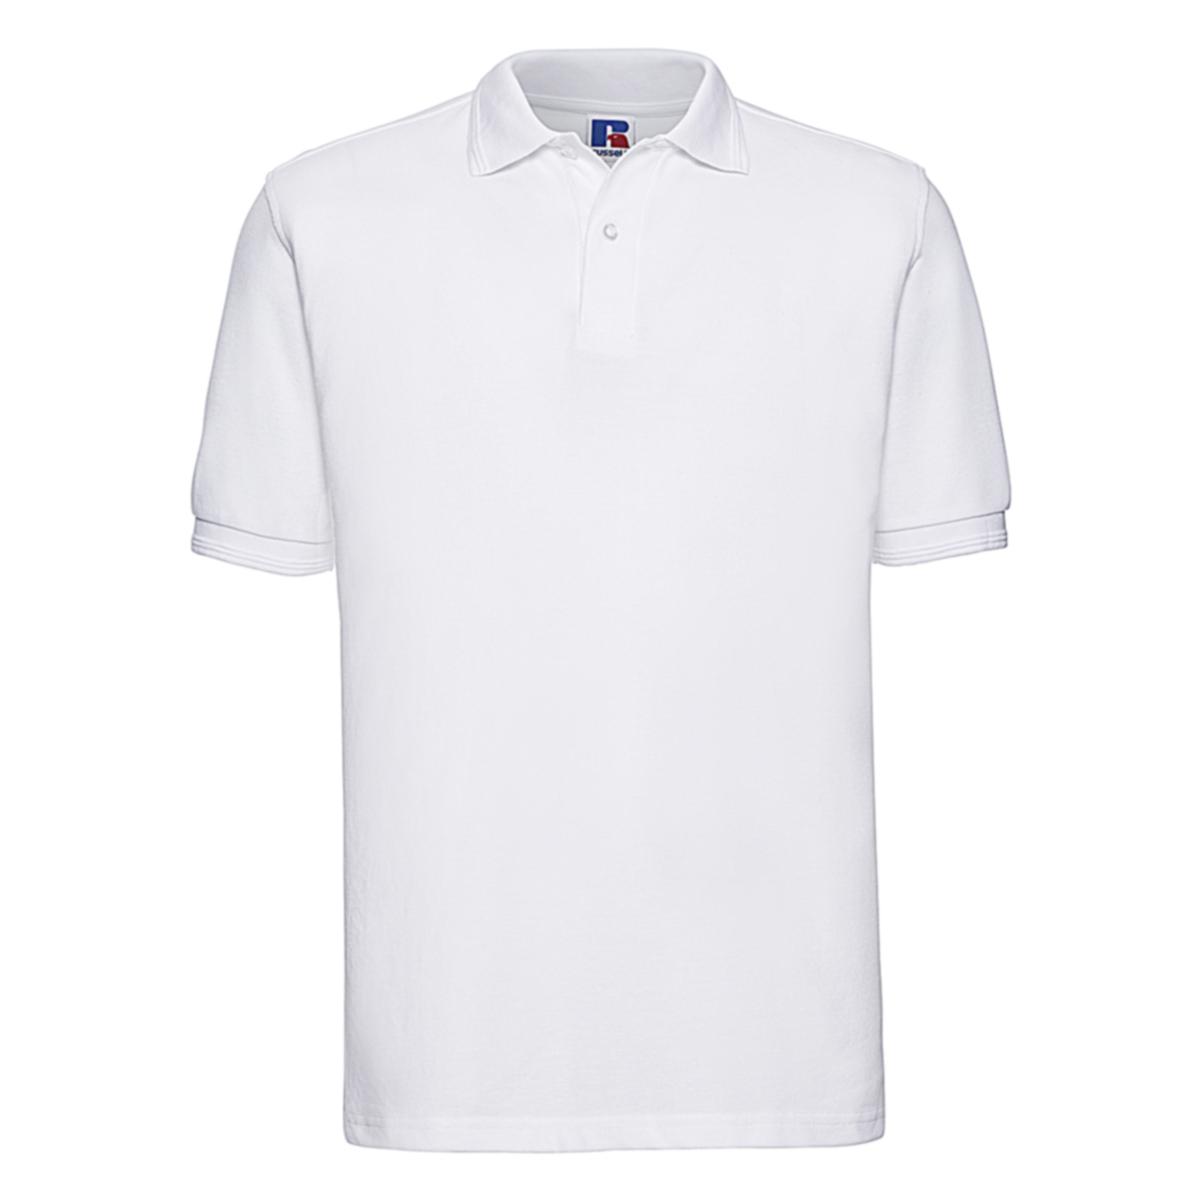 RUSSELL Herren Hardwearing Polycotton Polo Shirt XS bis 6XL Übergrößen Z599